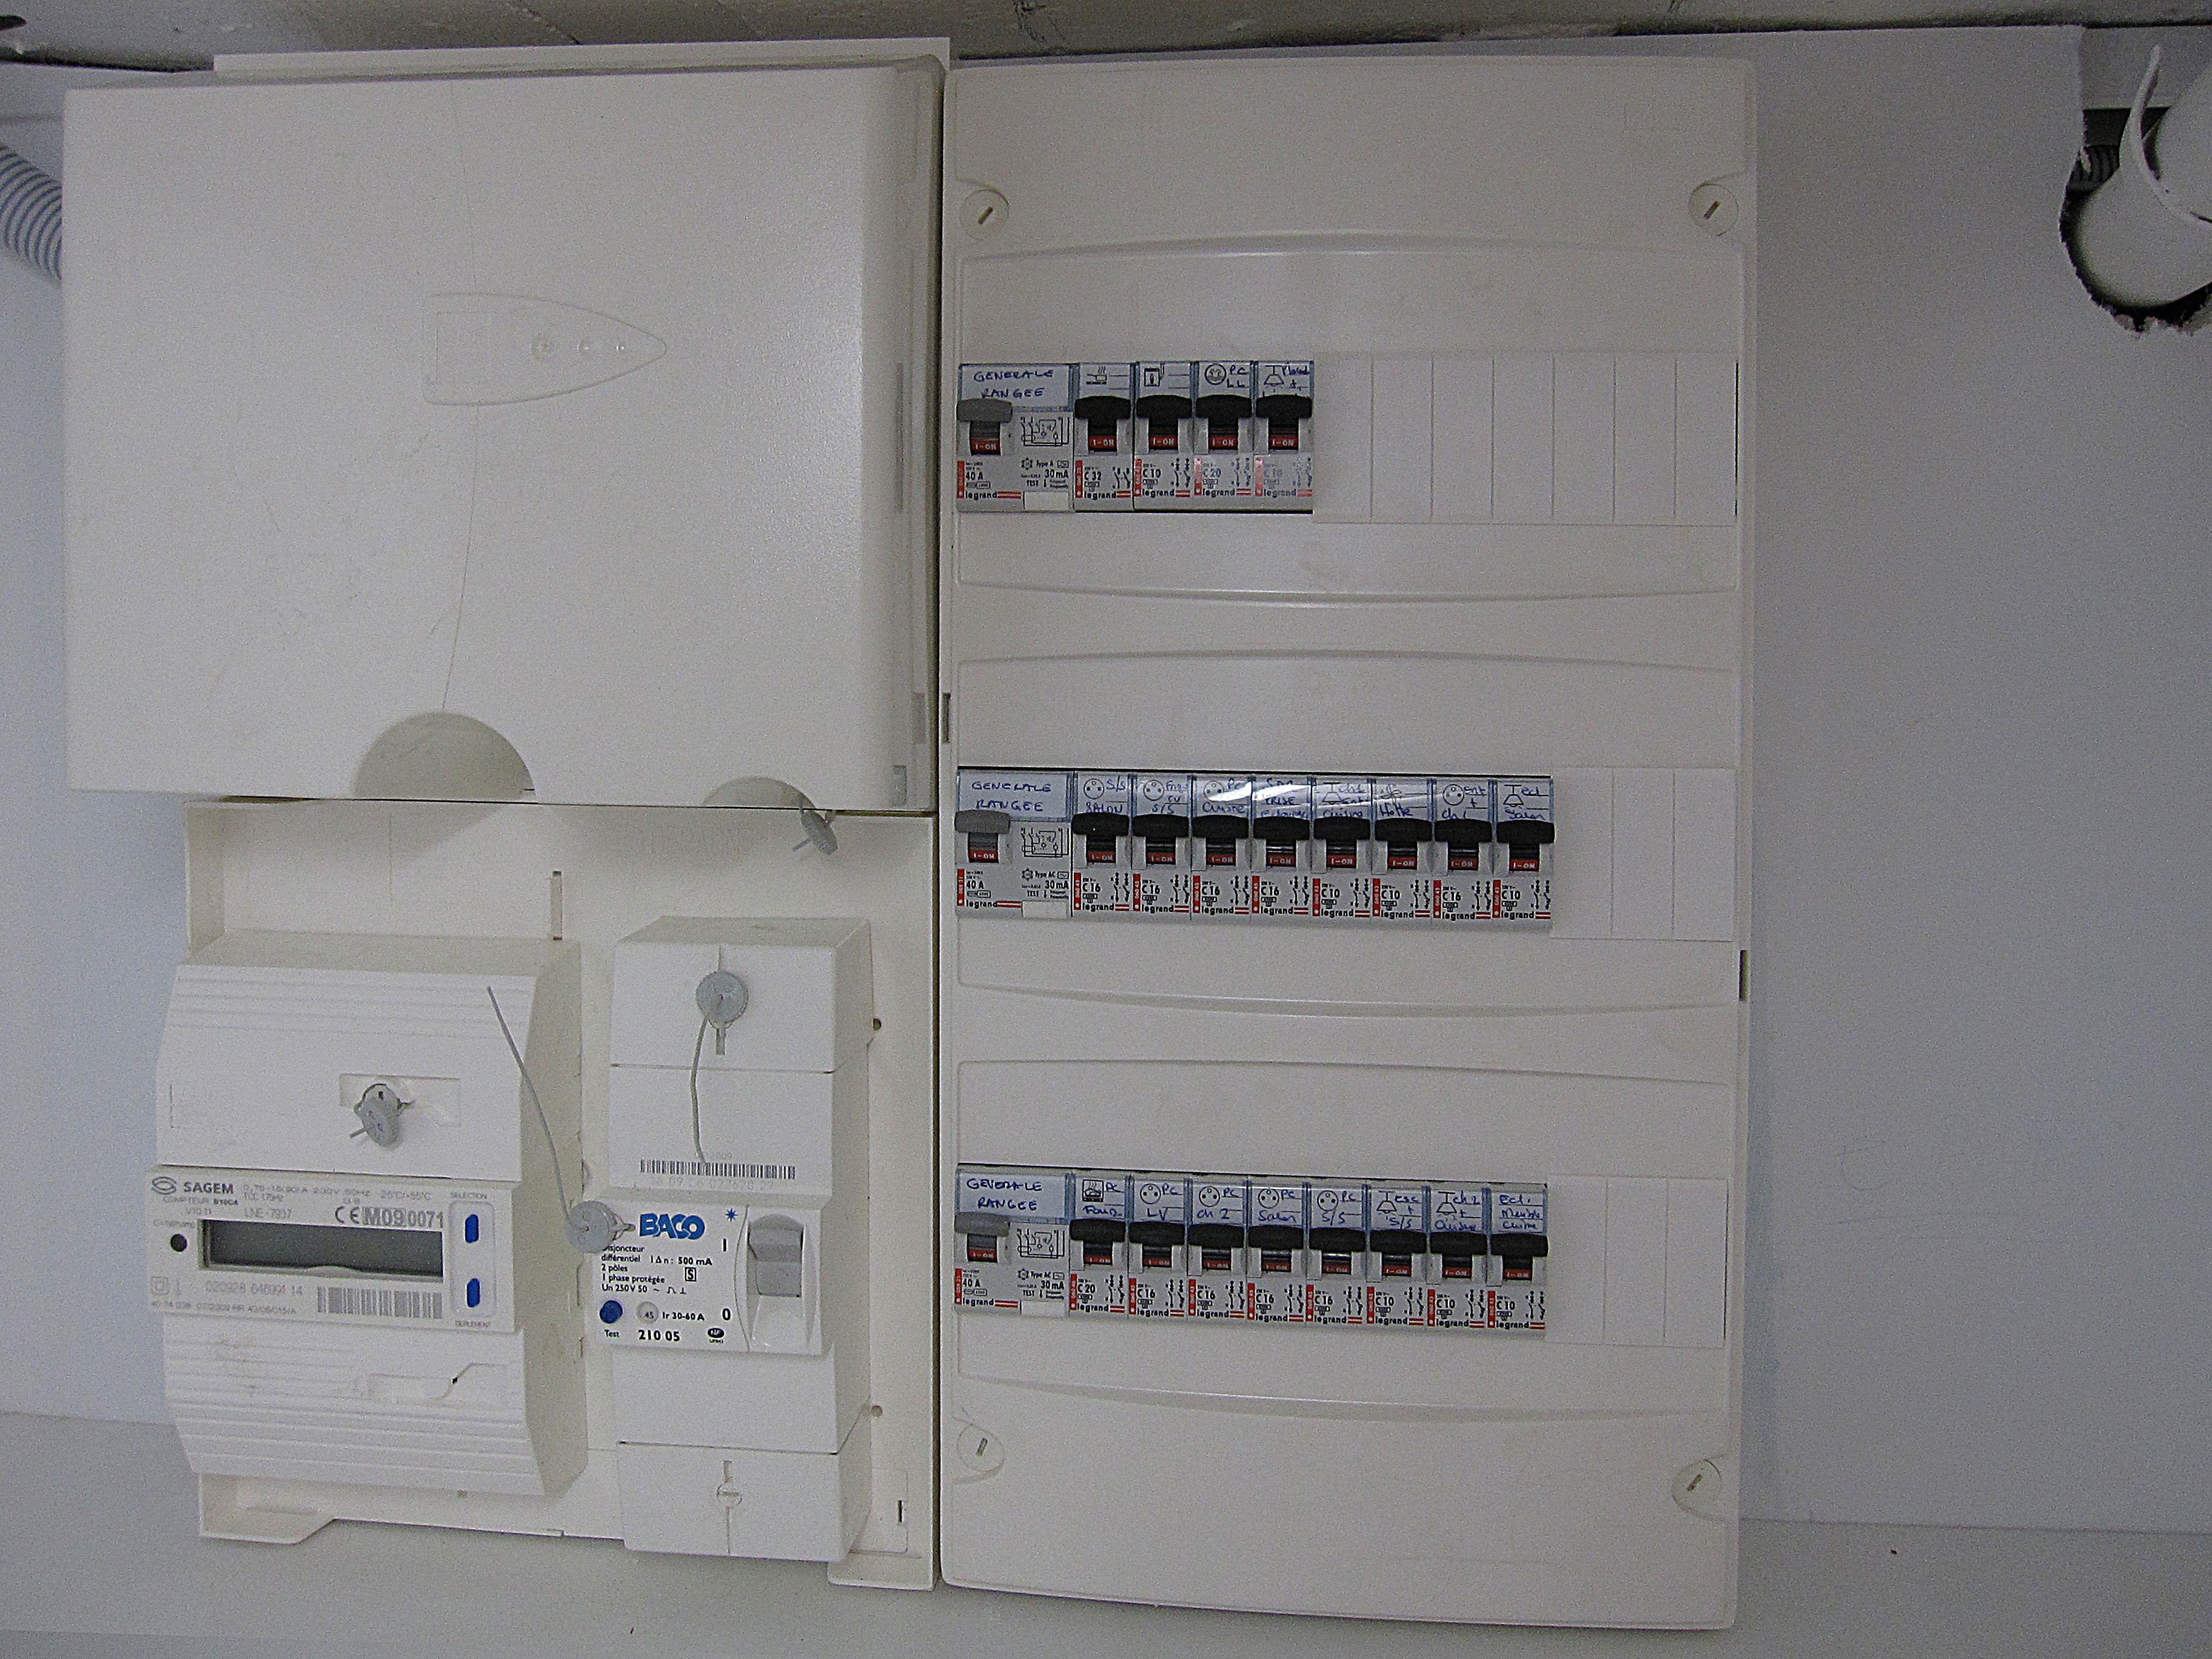 Compteur Disjoncteur General Et Tableau De Repartition Des Circuits Electriques Electricite Generale Circuit Electrique Electrique